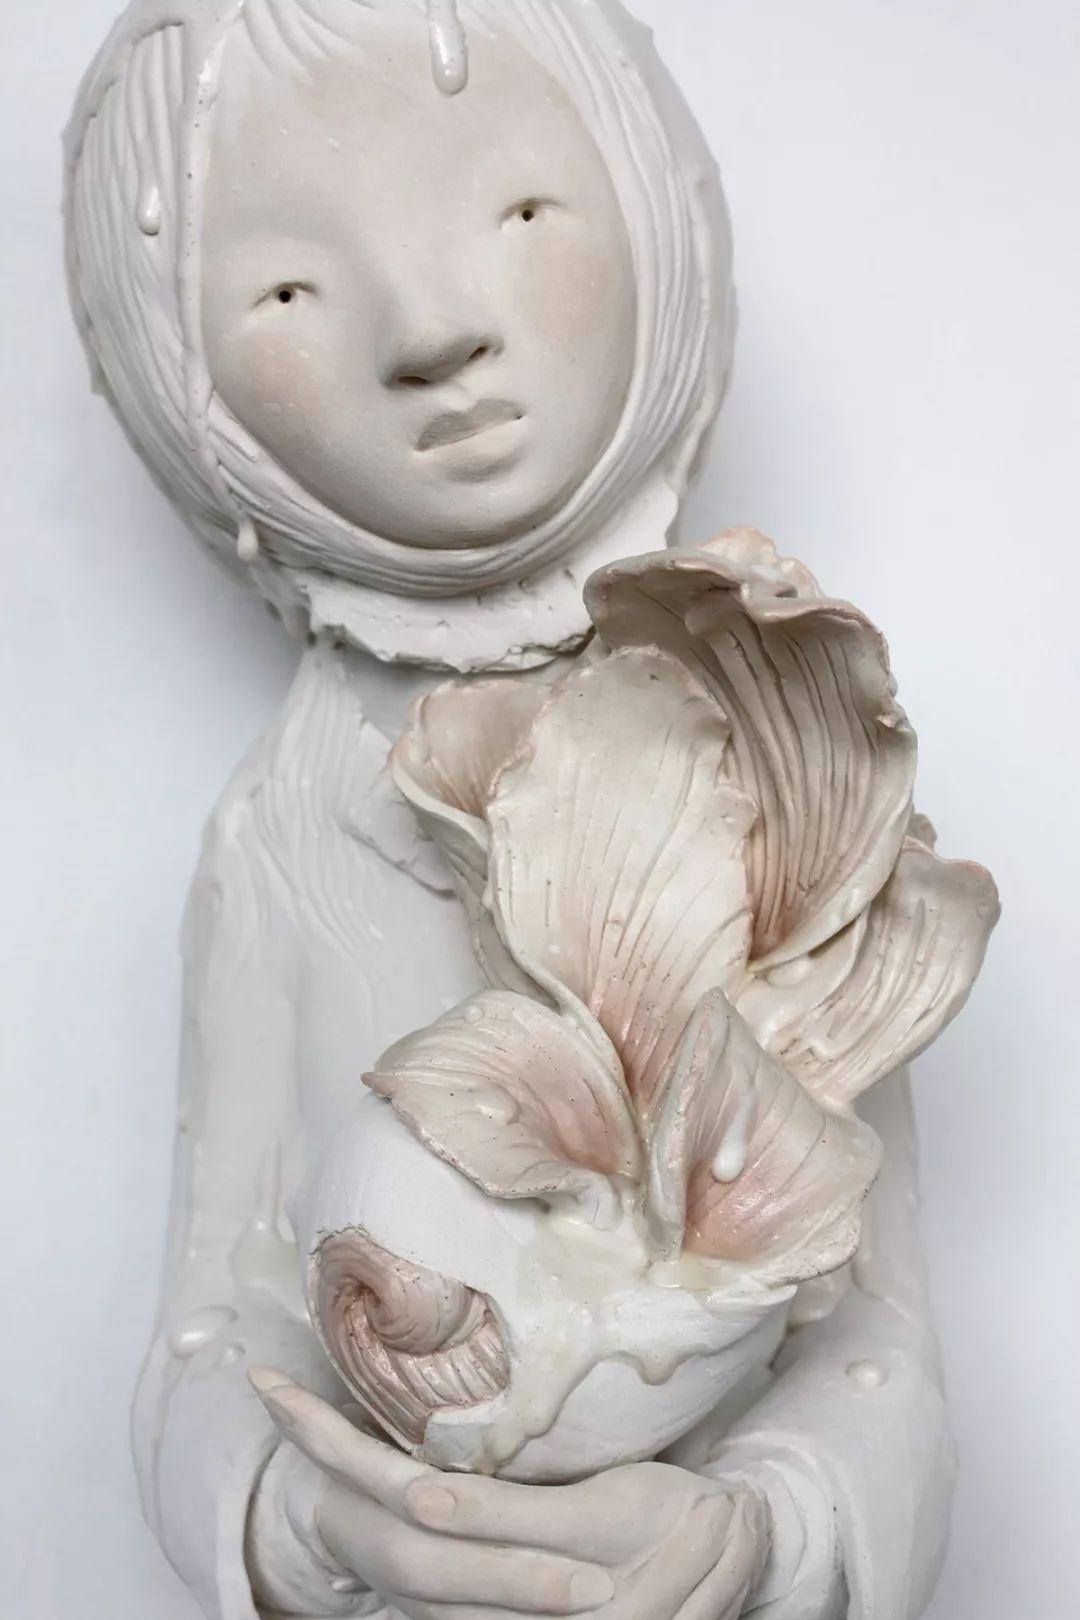 美女艺术家的雕塑,直抵天真、美丽和纯净的灵魂插图61